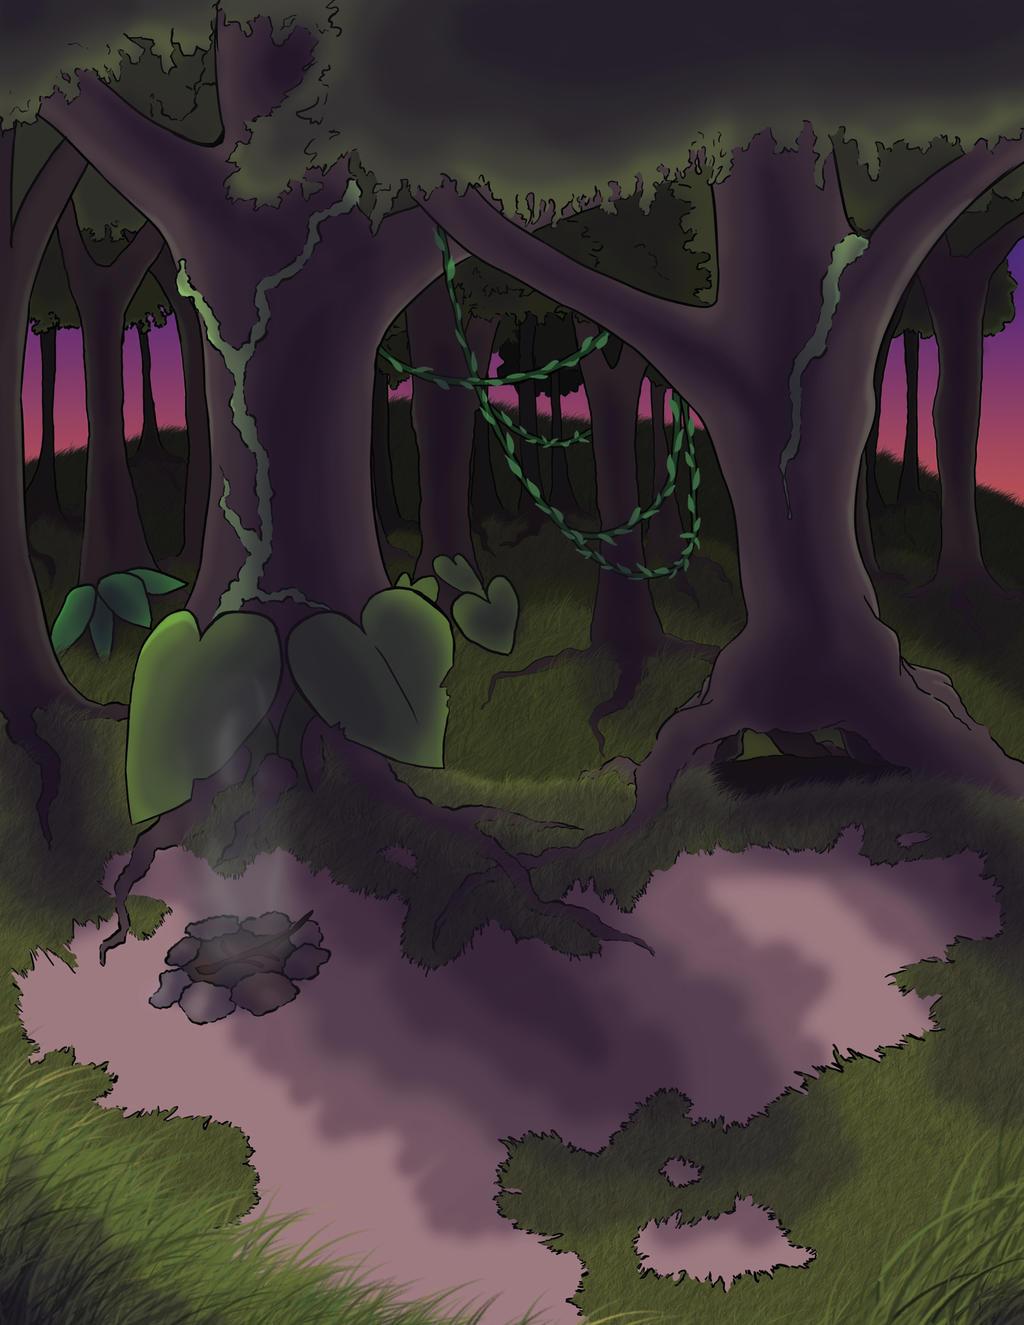 Teardrop Rain Forest by shizukadraws14